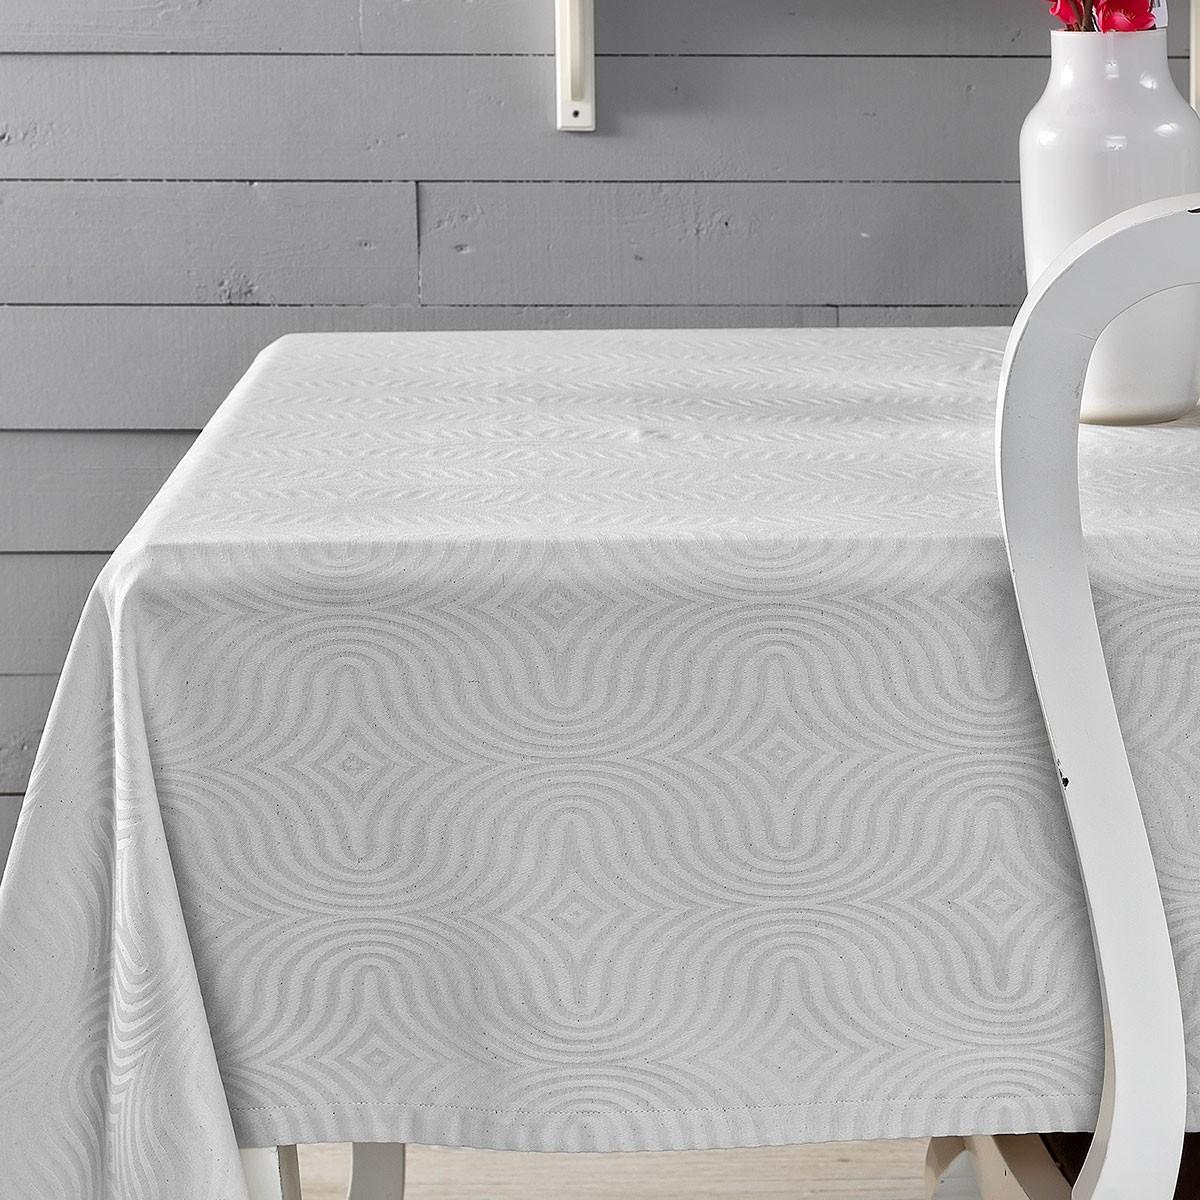 Πετσέτες Φαγητού (Σετ 4τμχ) Palamaiki Sally White 59871